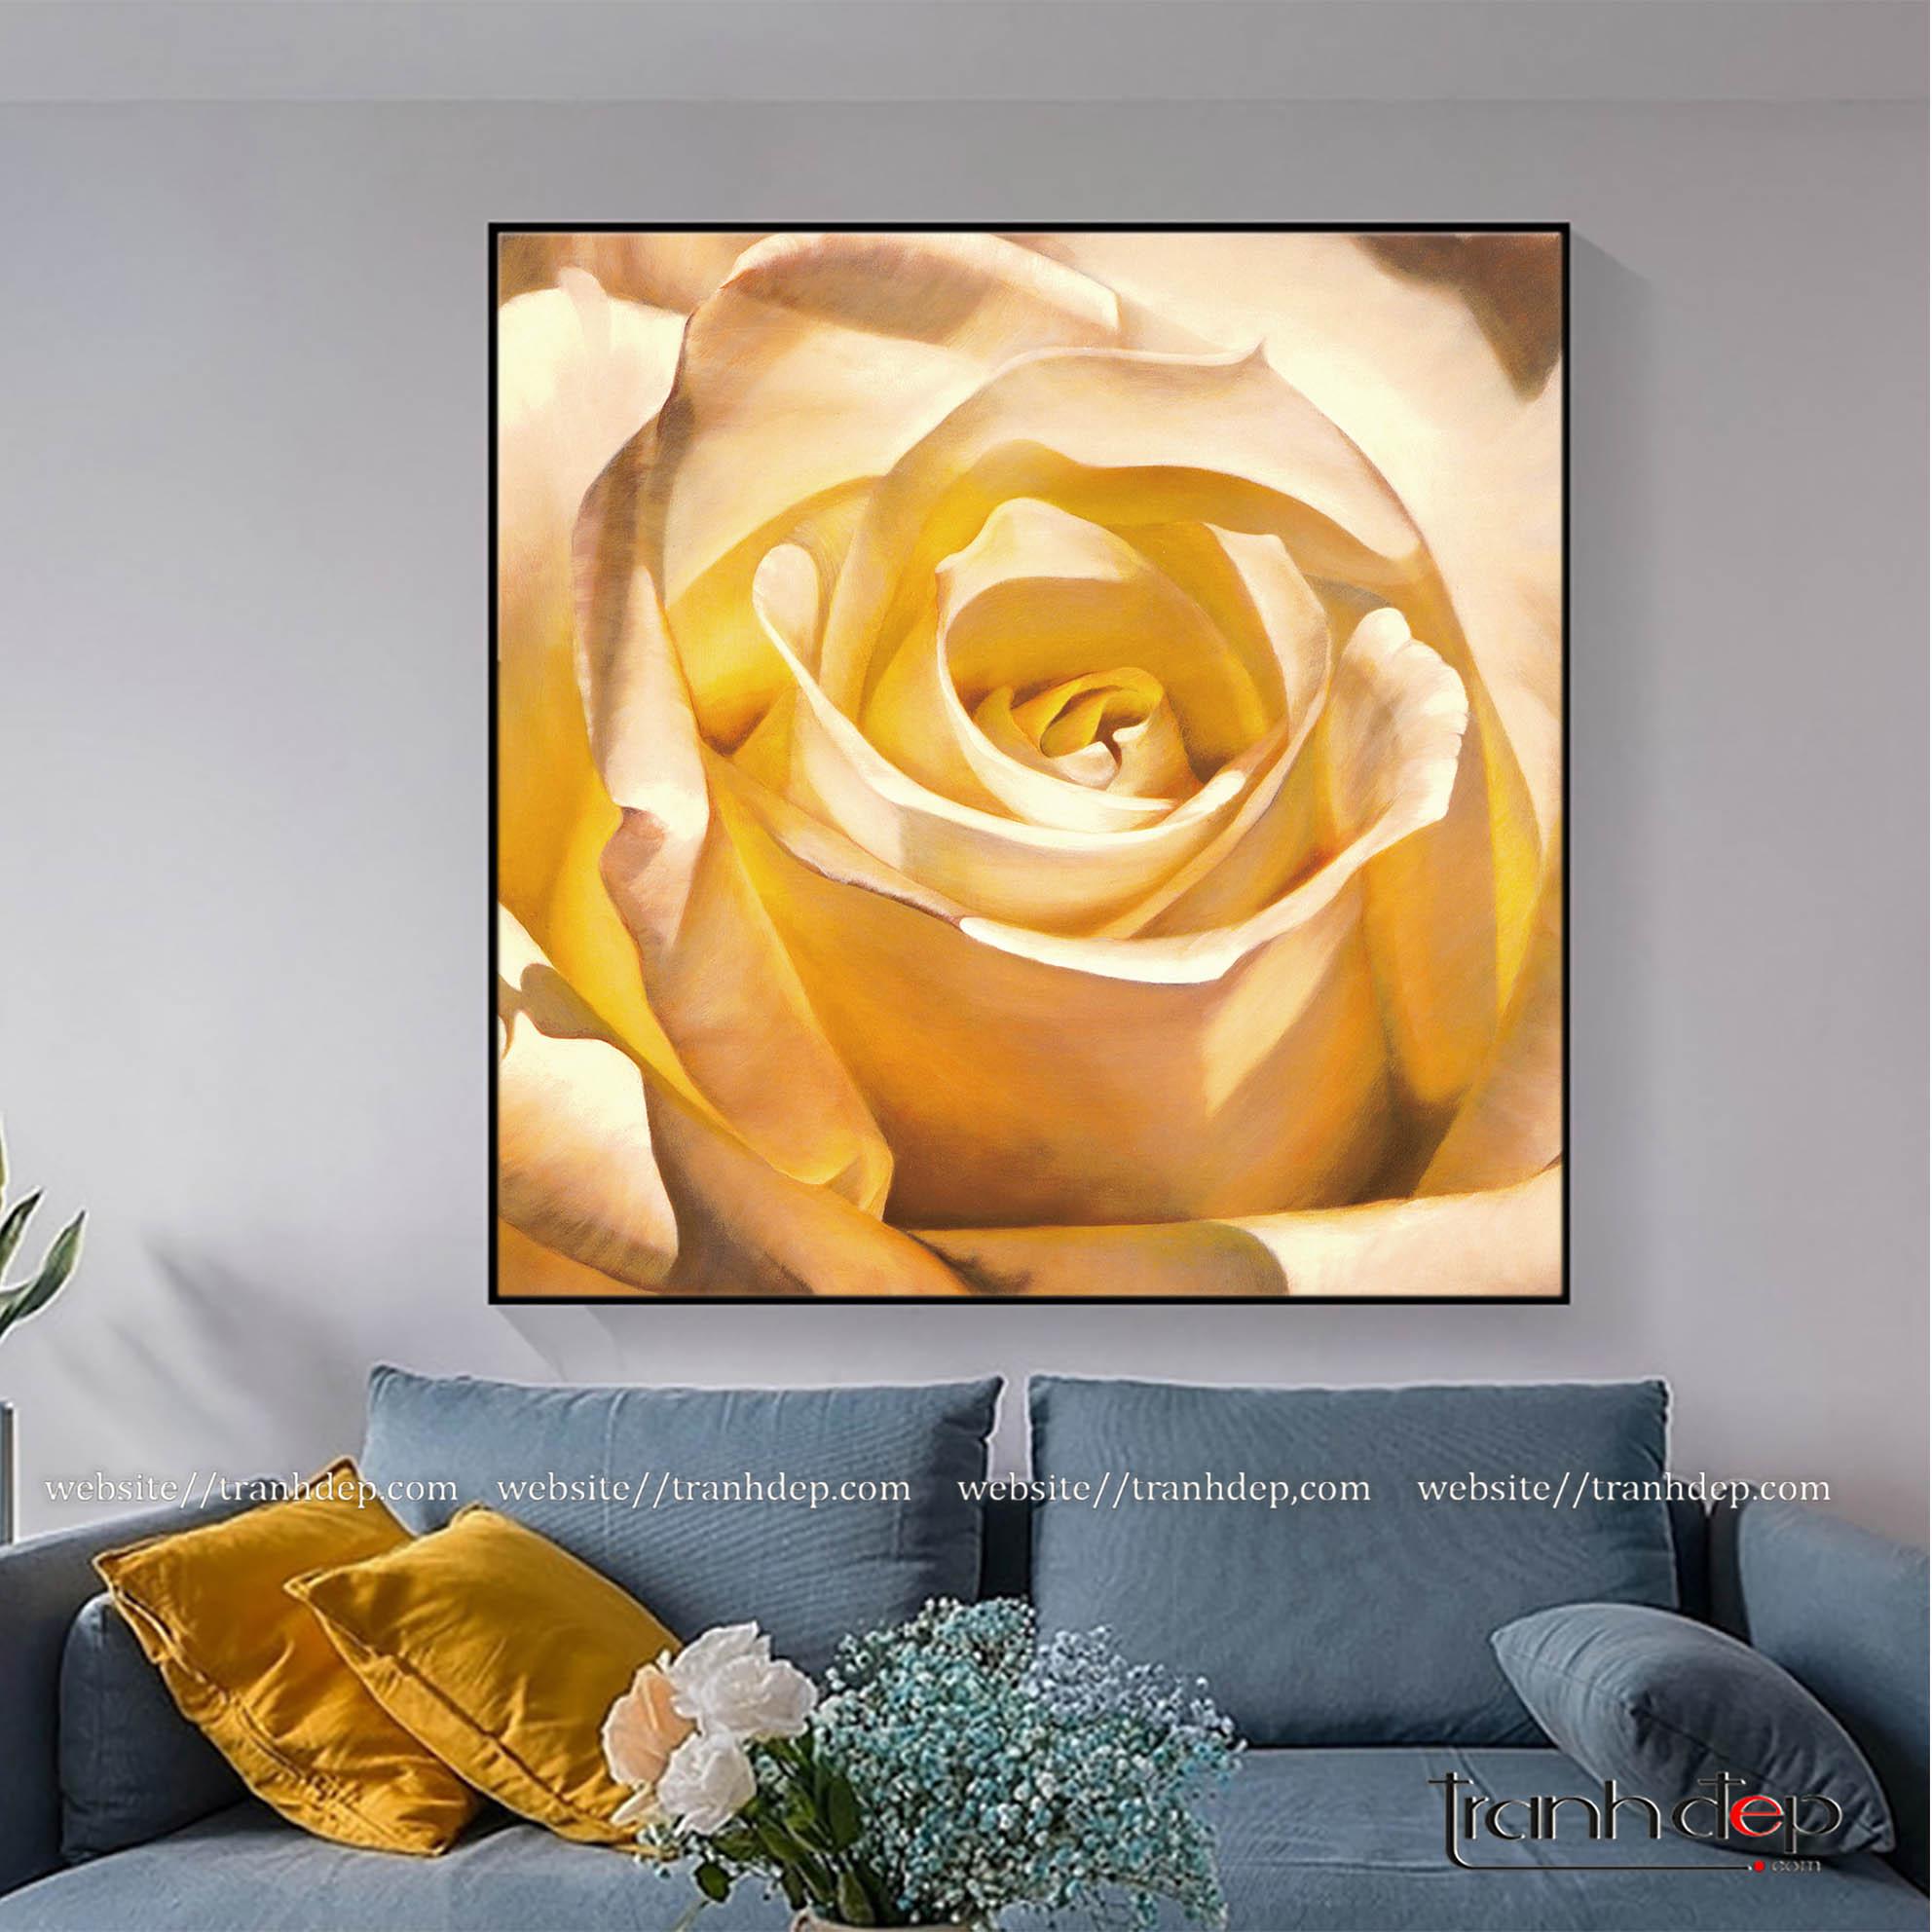 Trang hoa hồng vàng sơn dầu